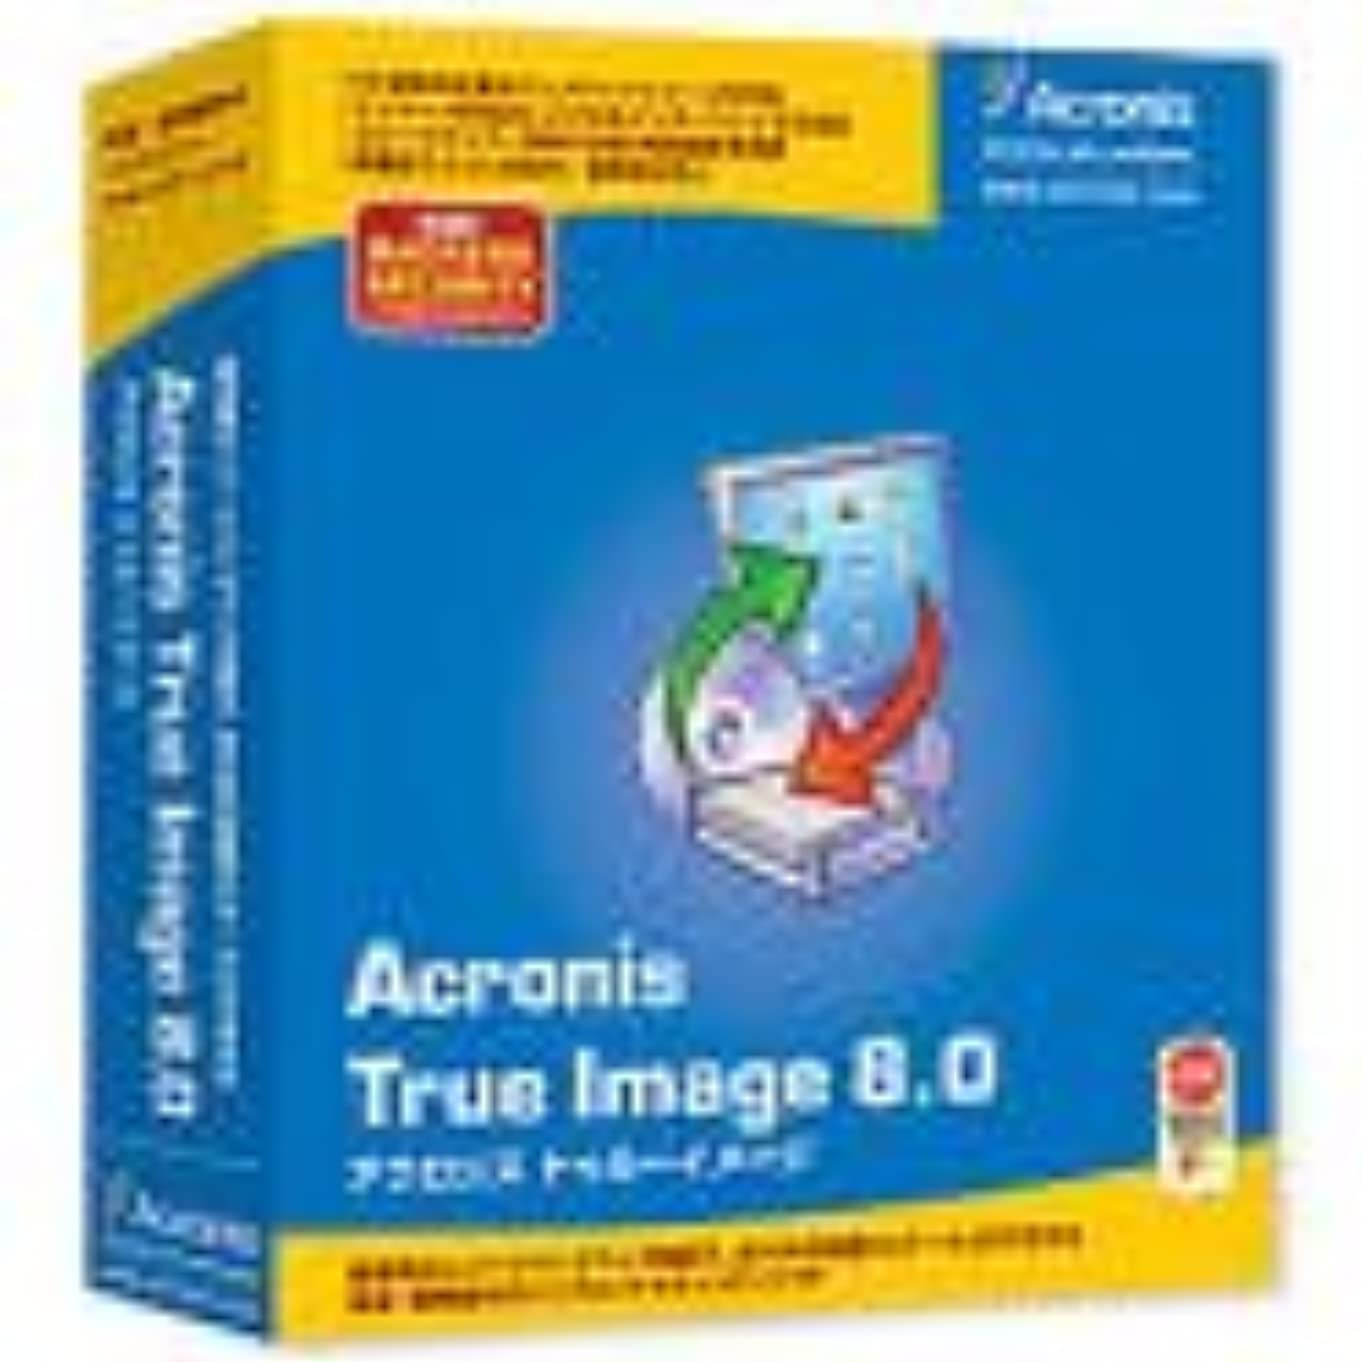 矢印排出告発Acronis True Image 8.0